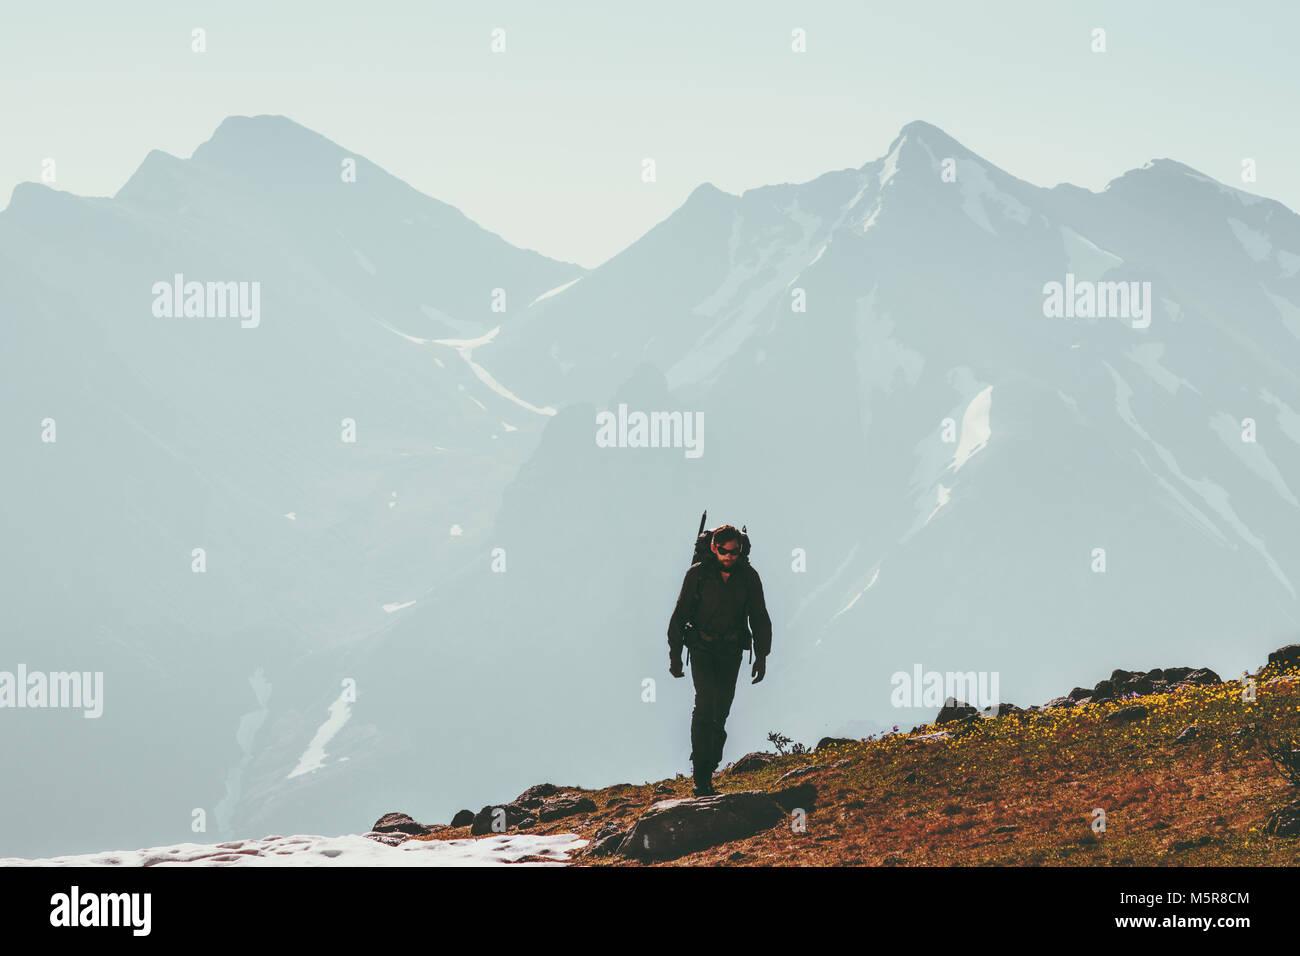 Caminante hombre solo escalar en las montañas de estilo de vida concepto de supervivencia de viaje aventura Imagen De Stock